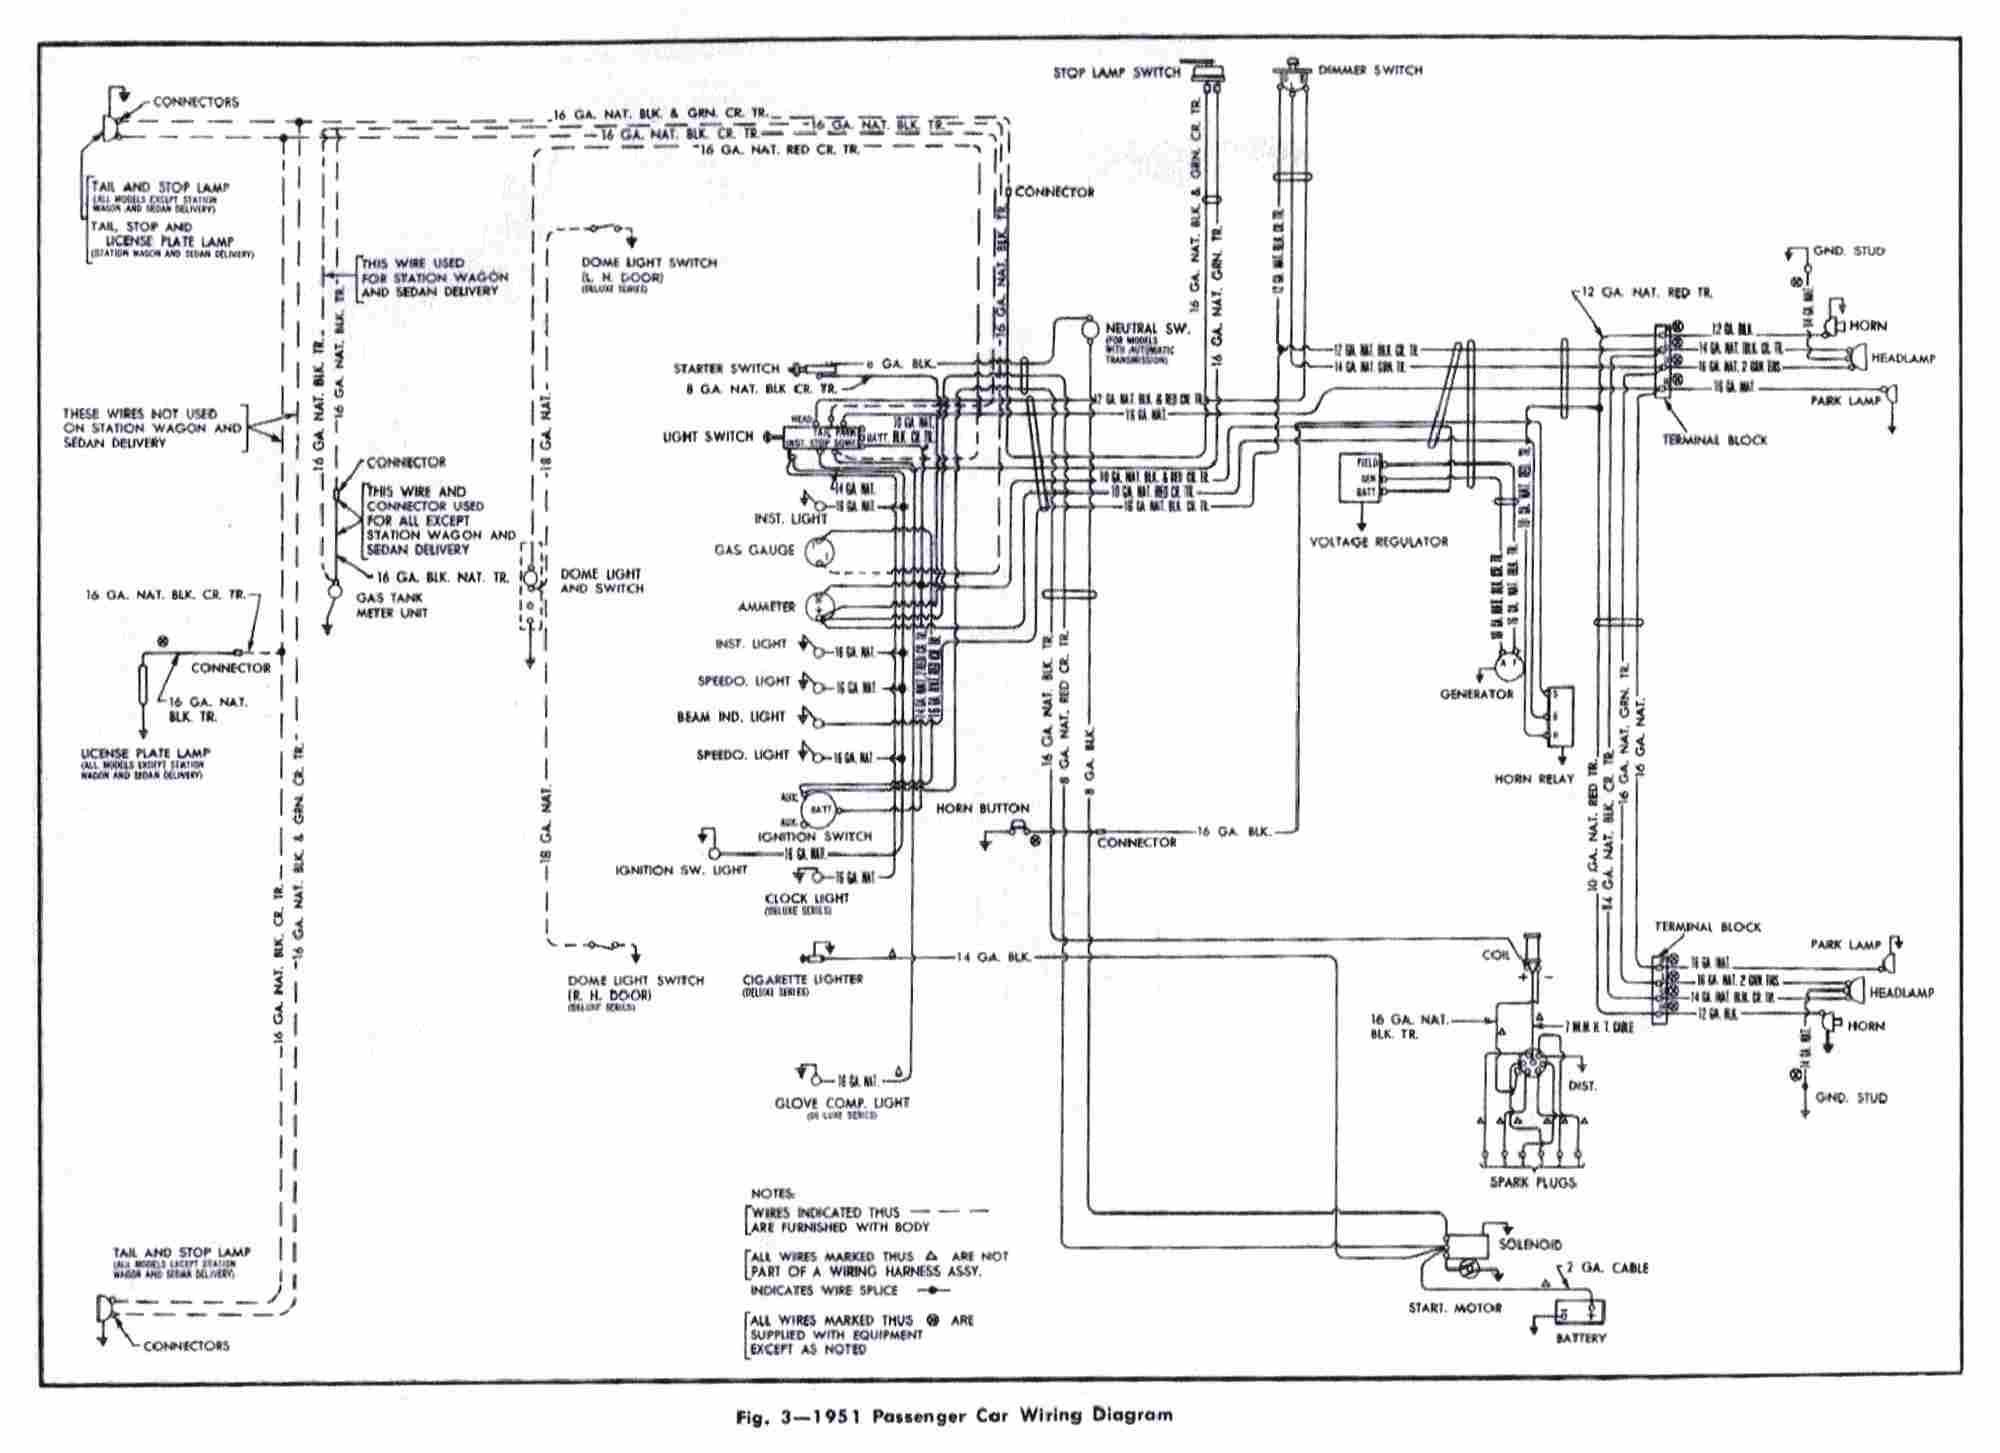 88 firebird wiring diagram